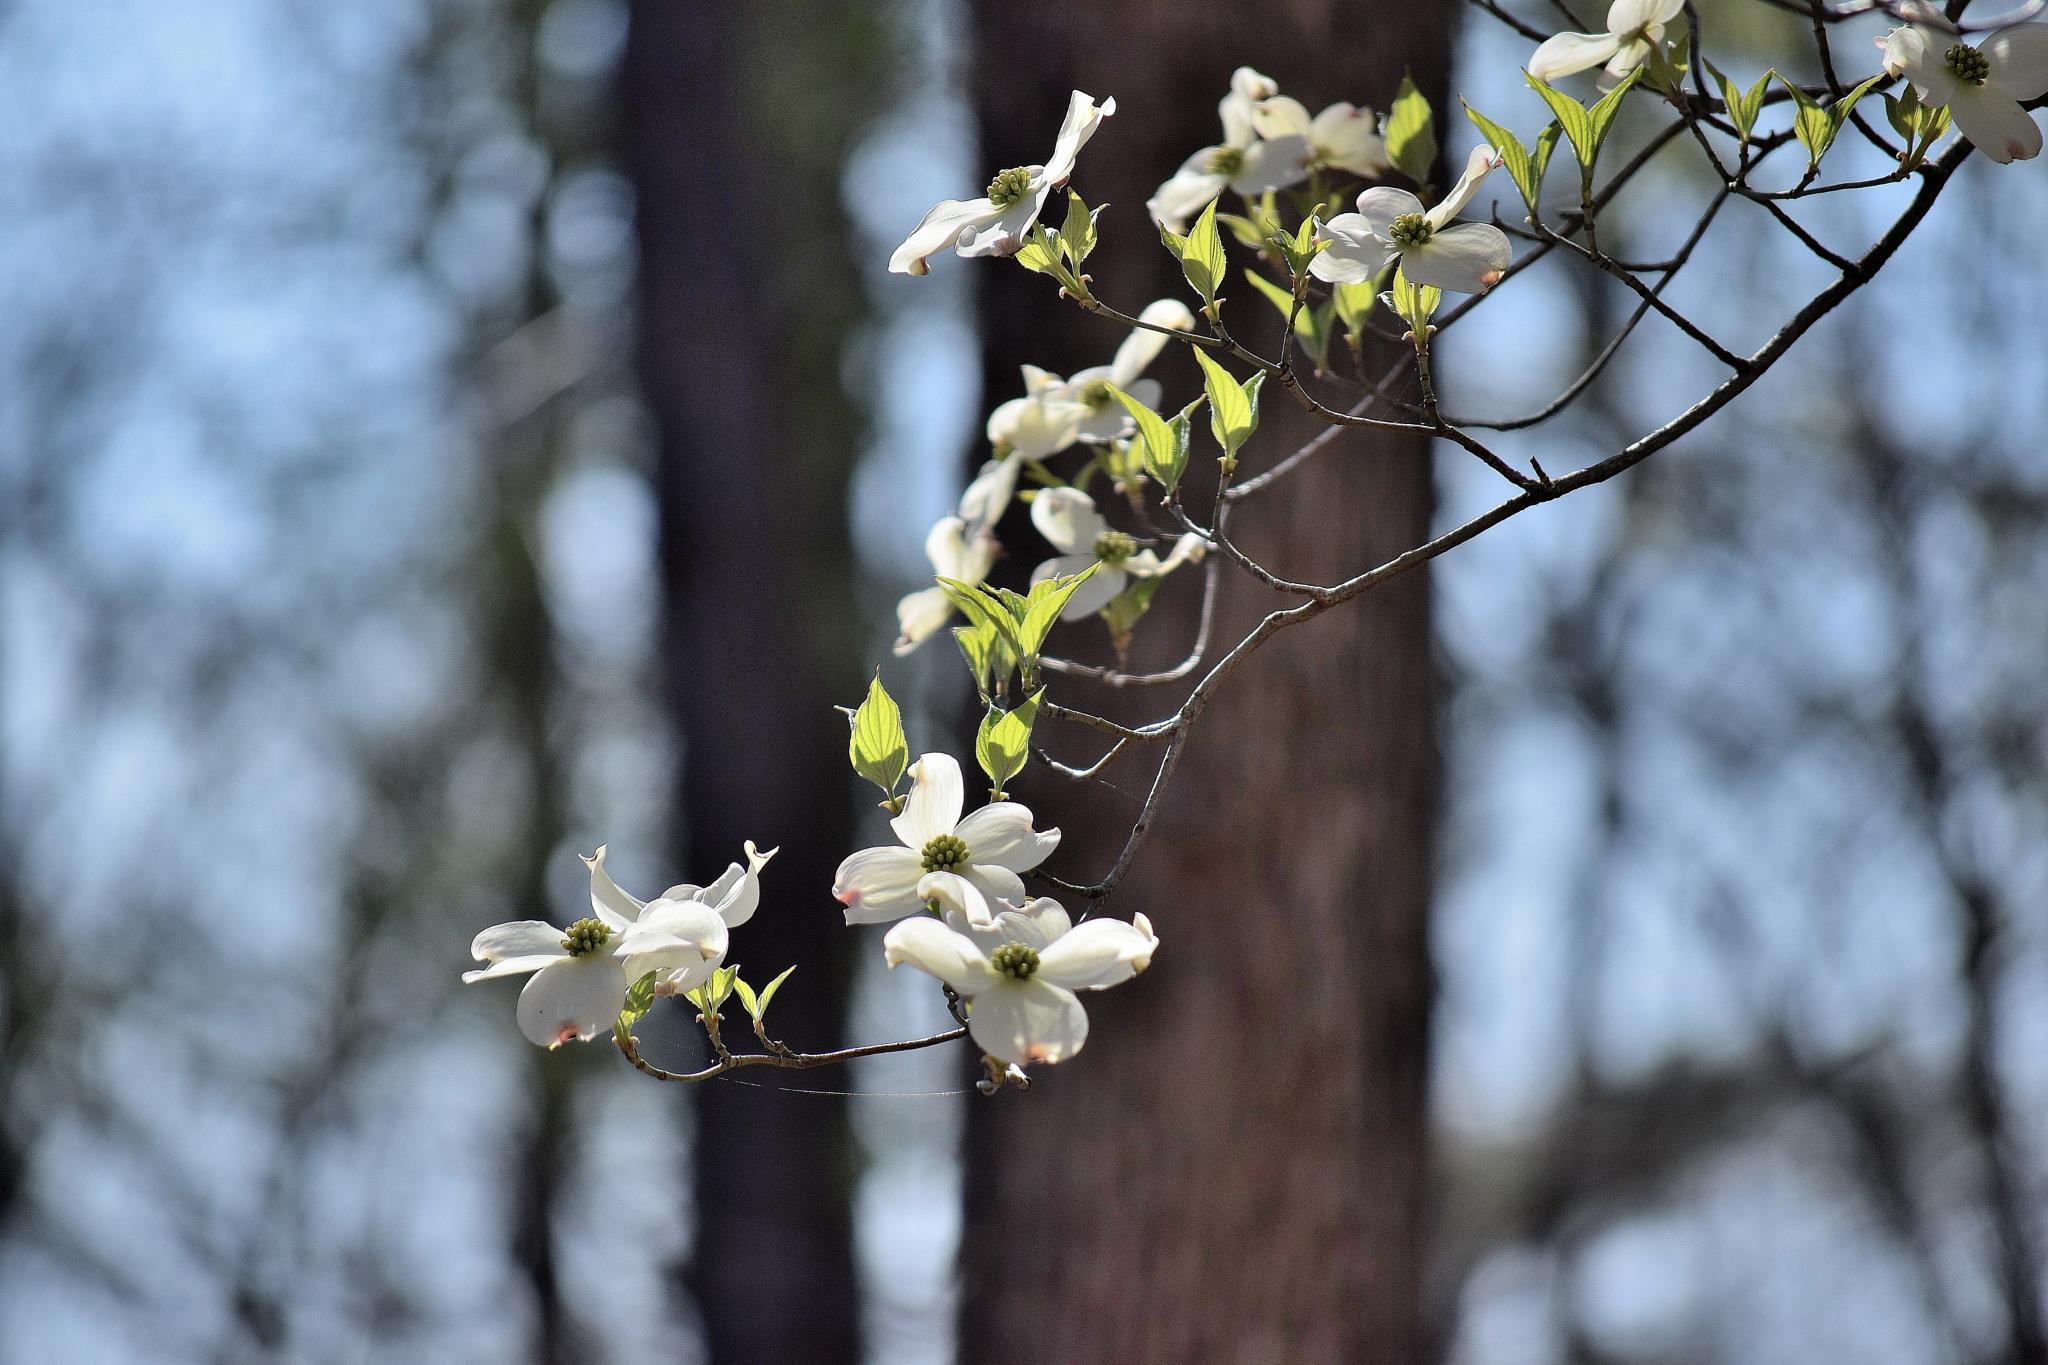 Flowers 146~Dogwood Tree by Lawrence Scott Hess